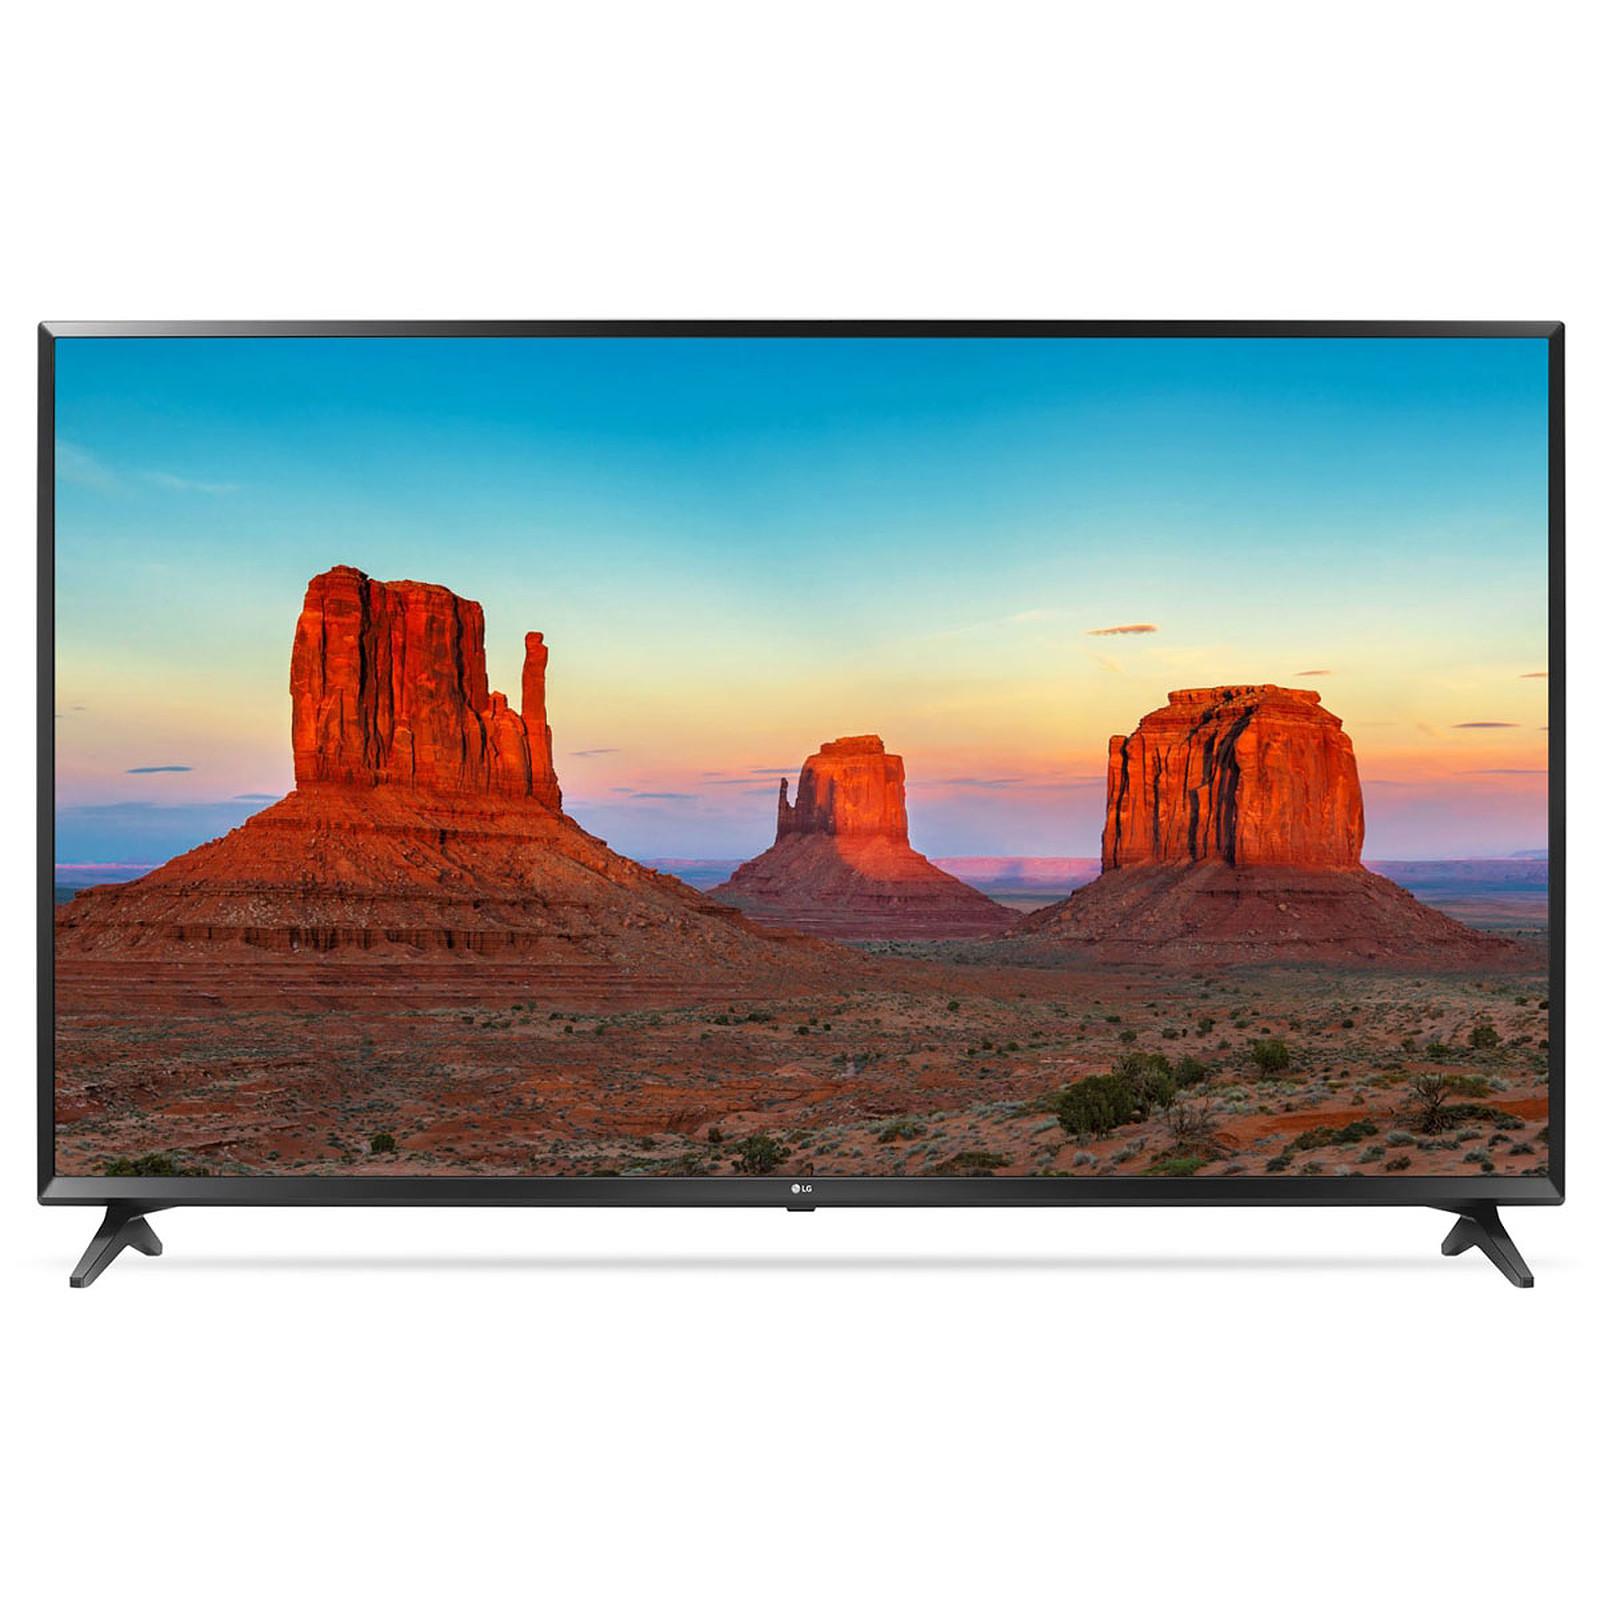 4fdbe687e9b39 LG 55UK6100 - TV LG sur LDLC.com